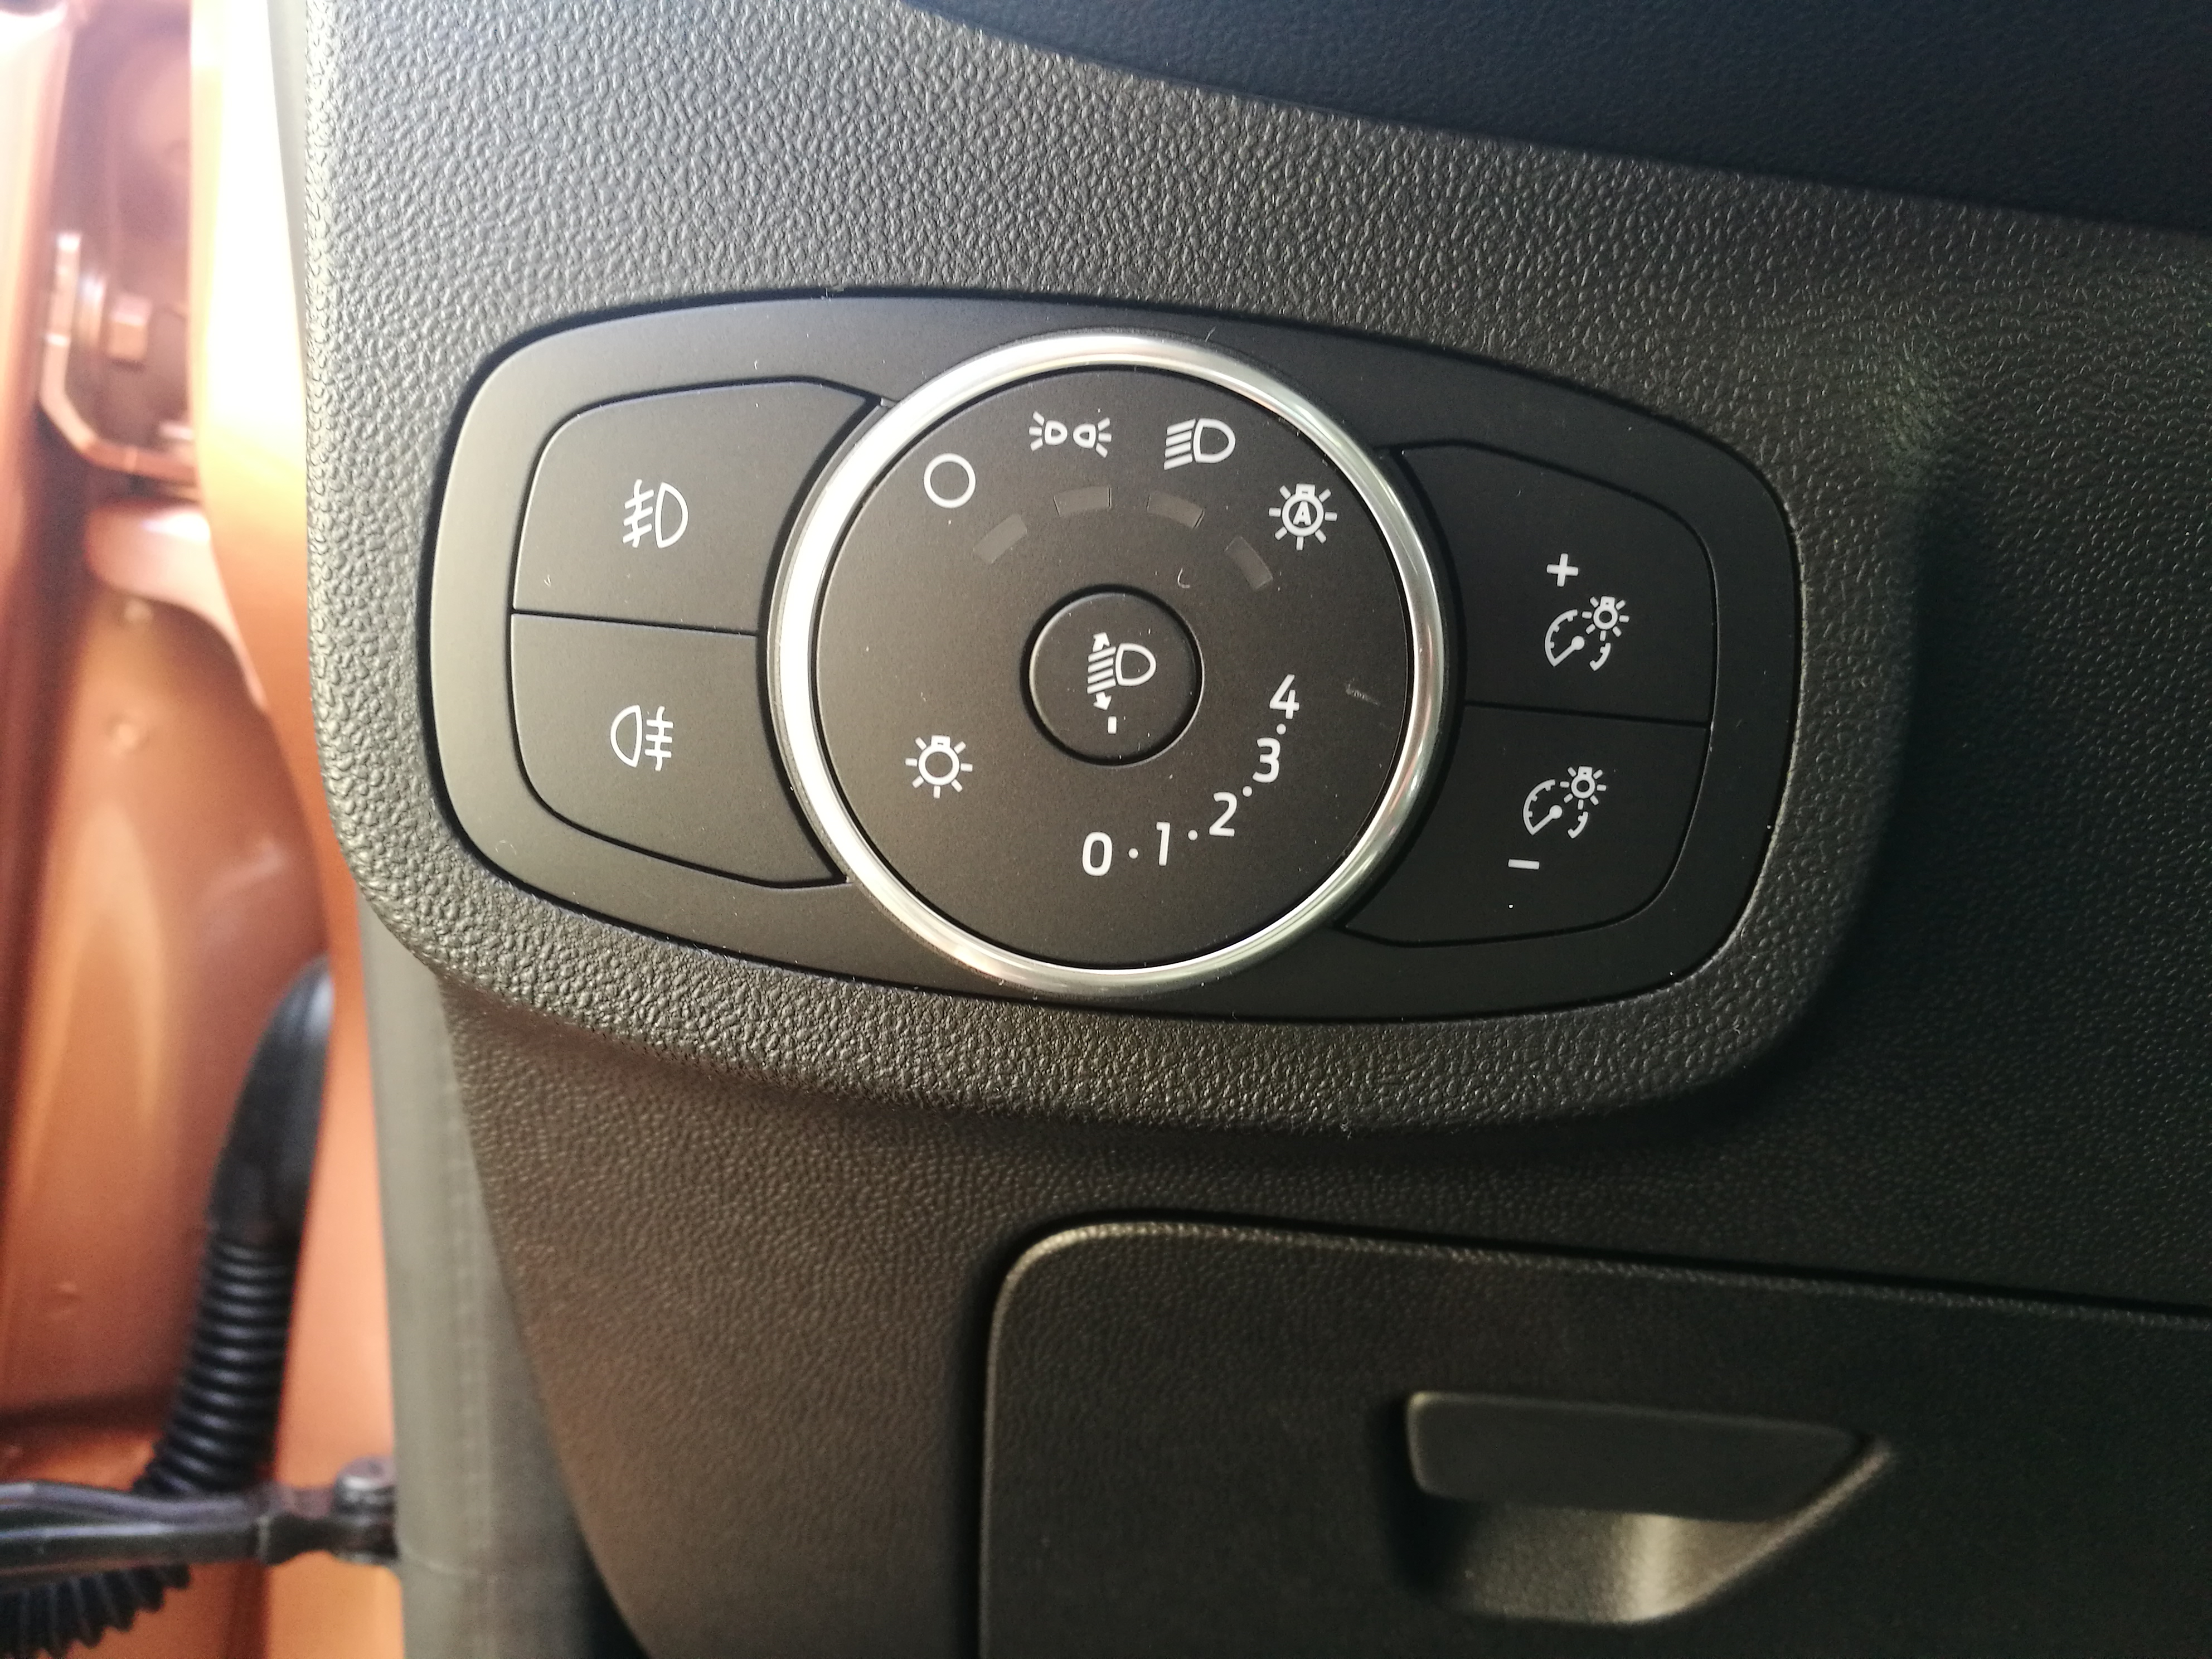 Controle in de auto; verlichting